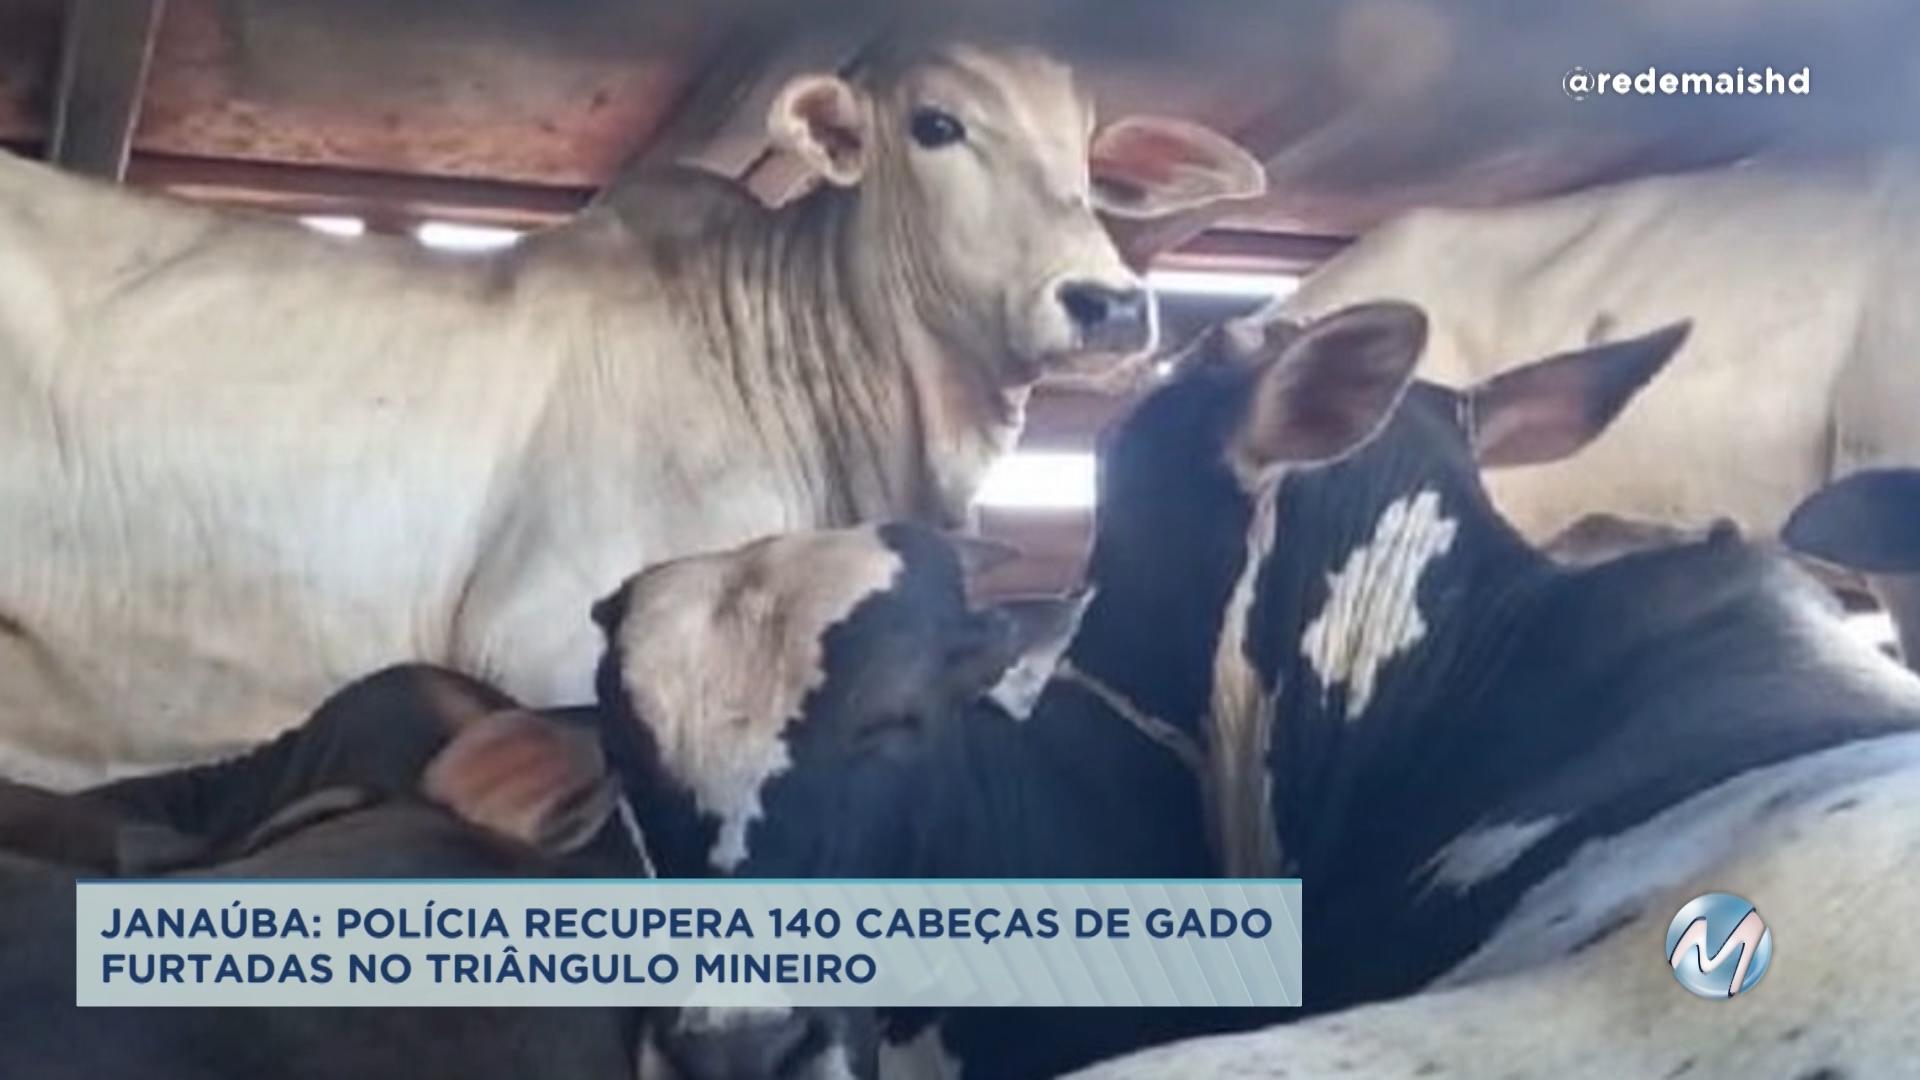 Janaúba: polícia recupera 140 cabeças de gado furtadas no triângulo mineiro